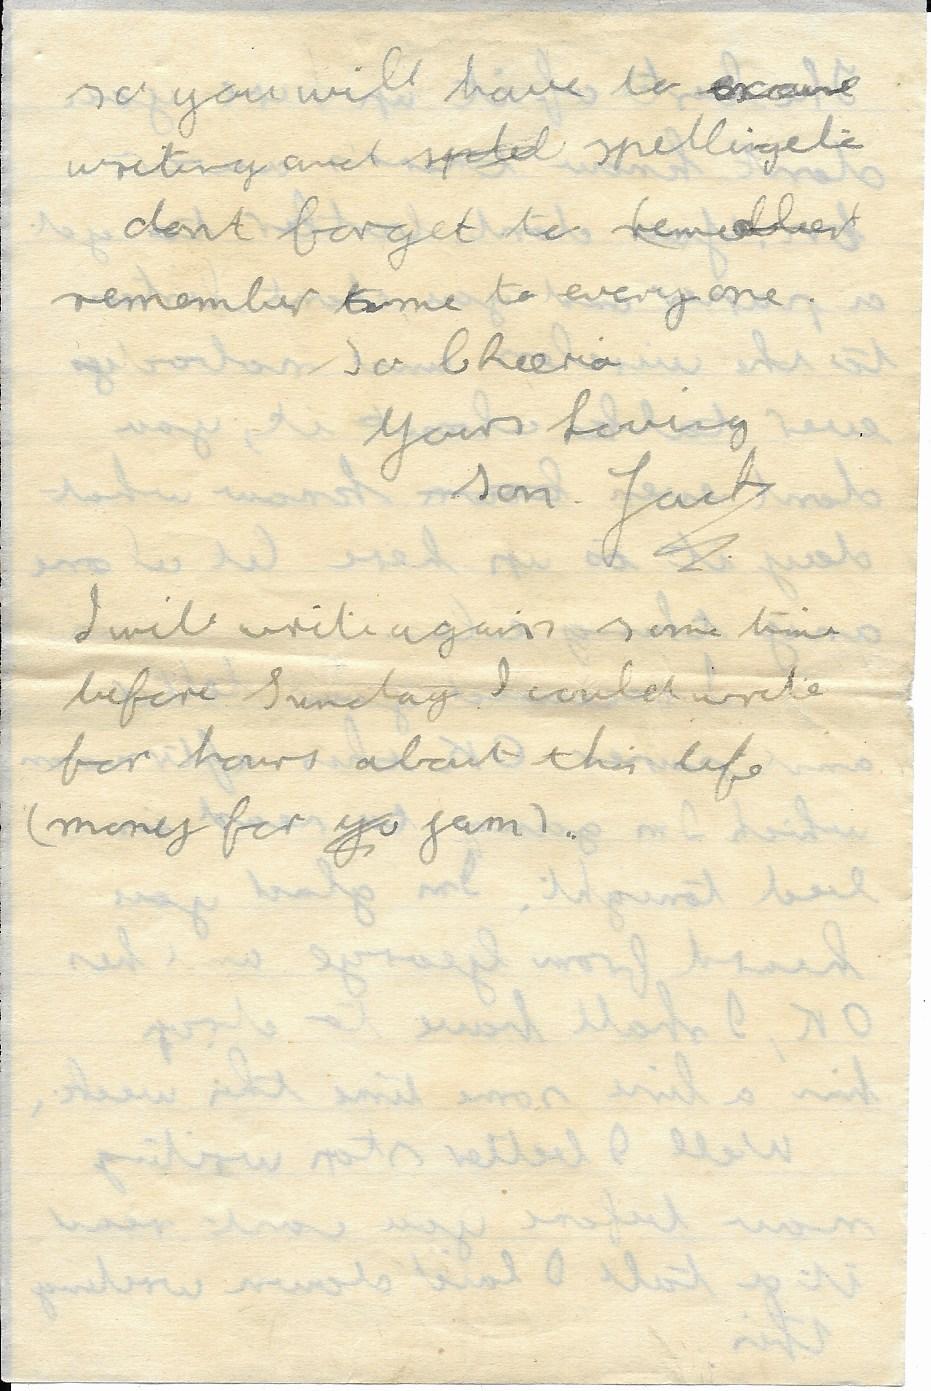 Letter 9